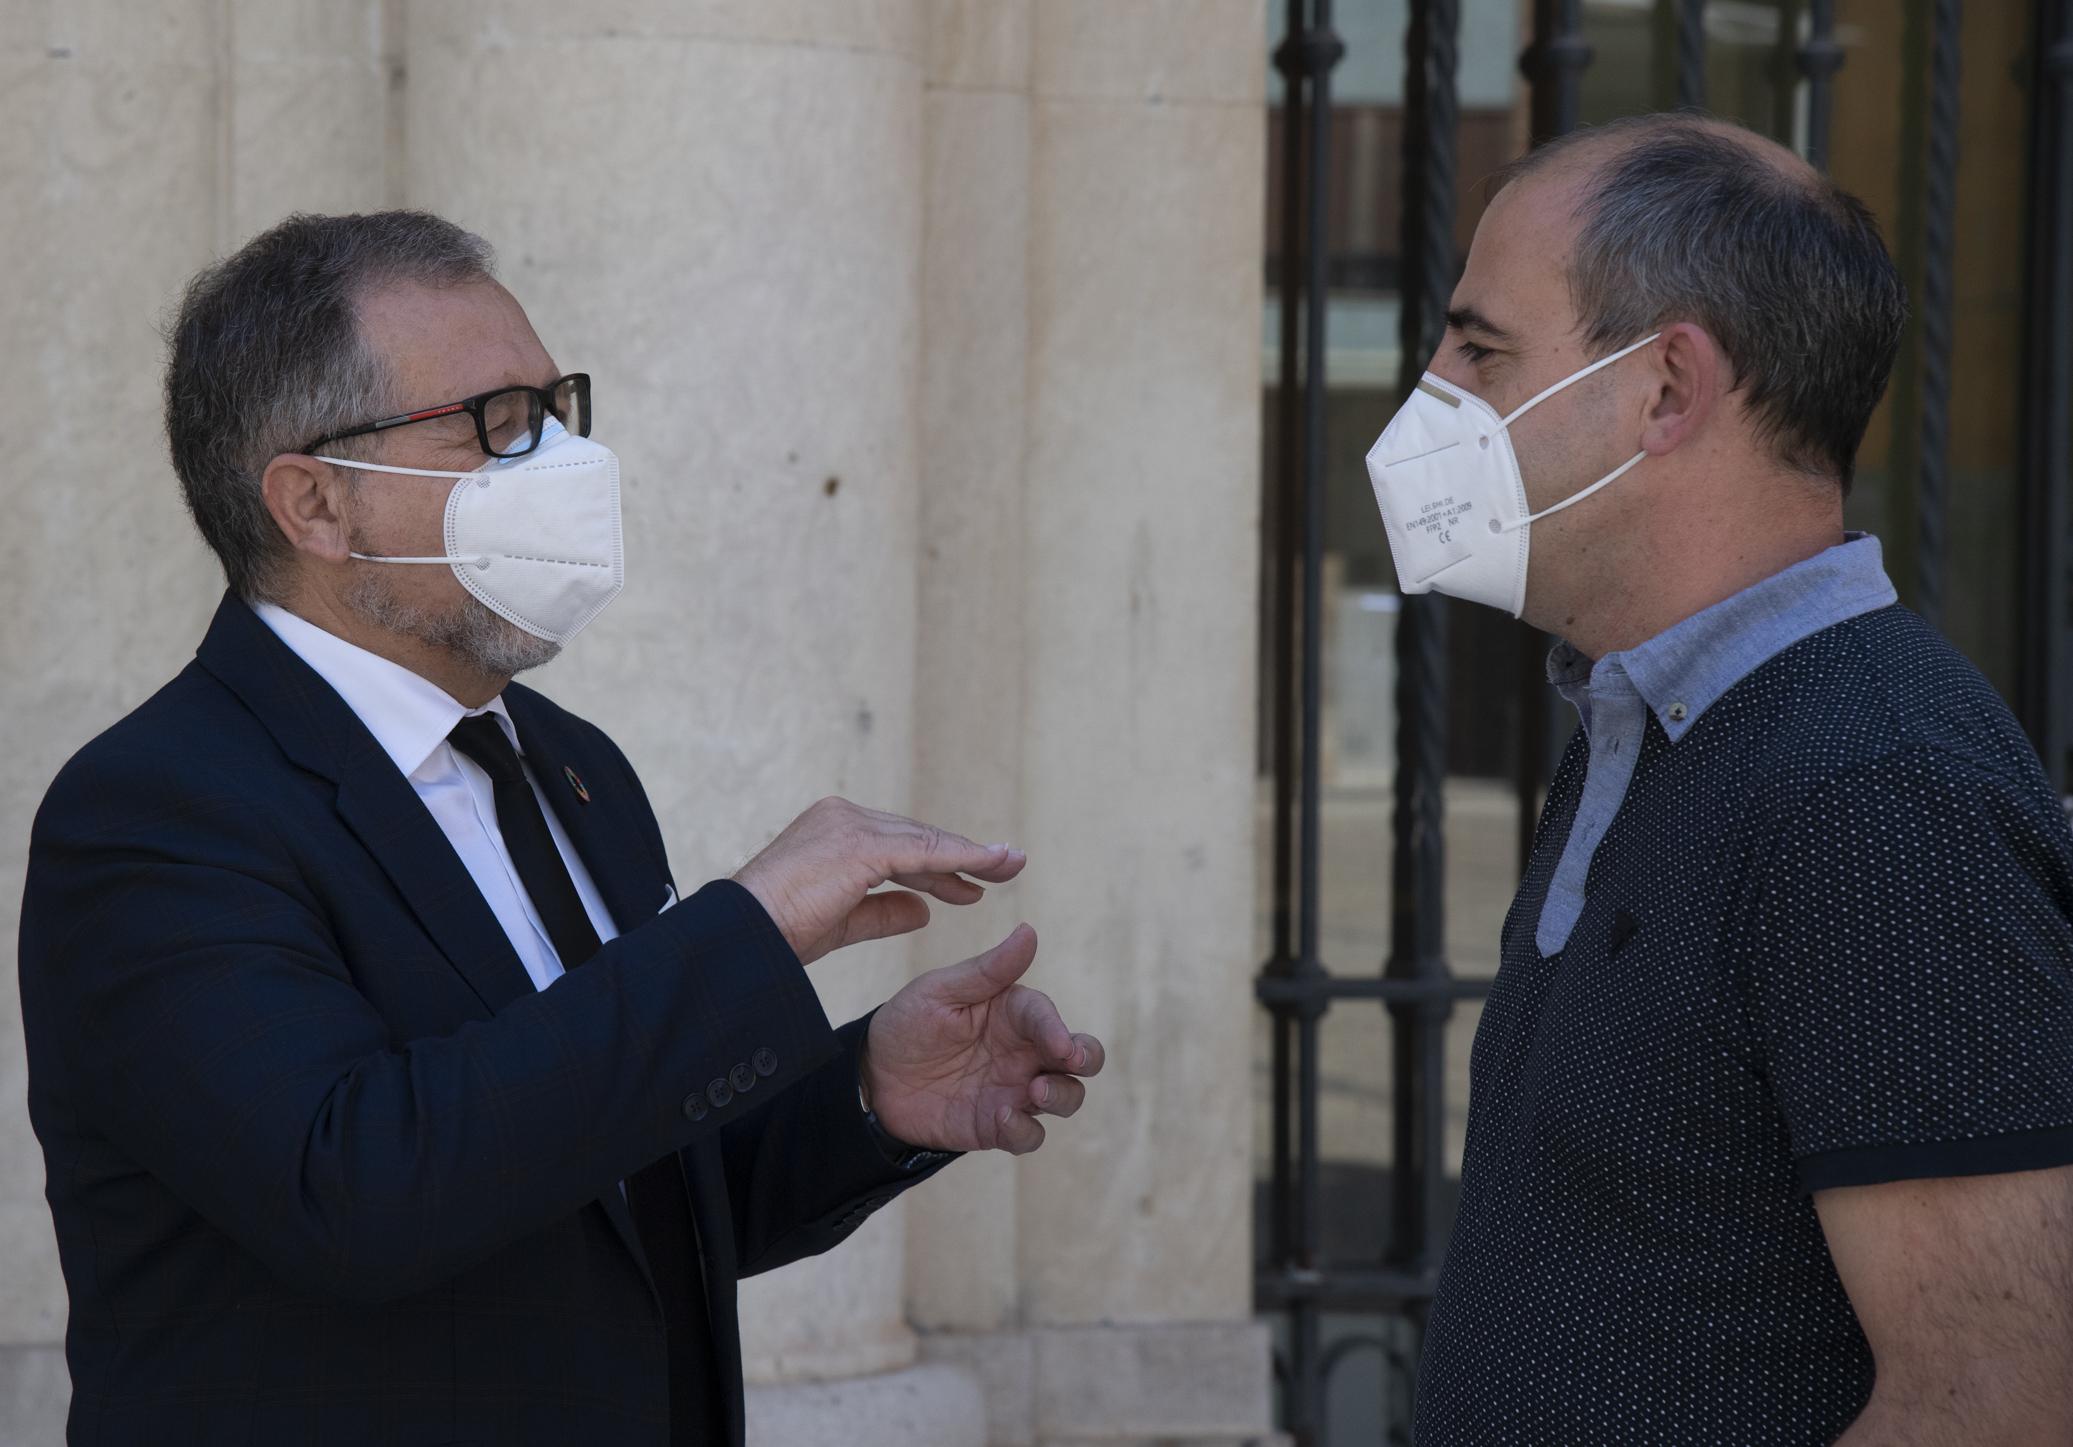 La Diputación  impulsa un convenio con la UJI que permitirá equipar un laboratorio con capacidad para investigar bacterias y virus